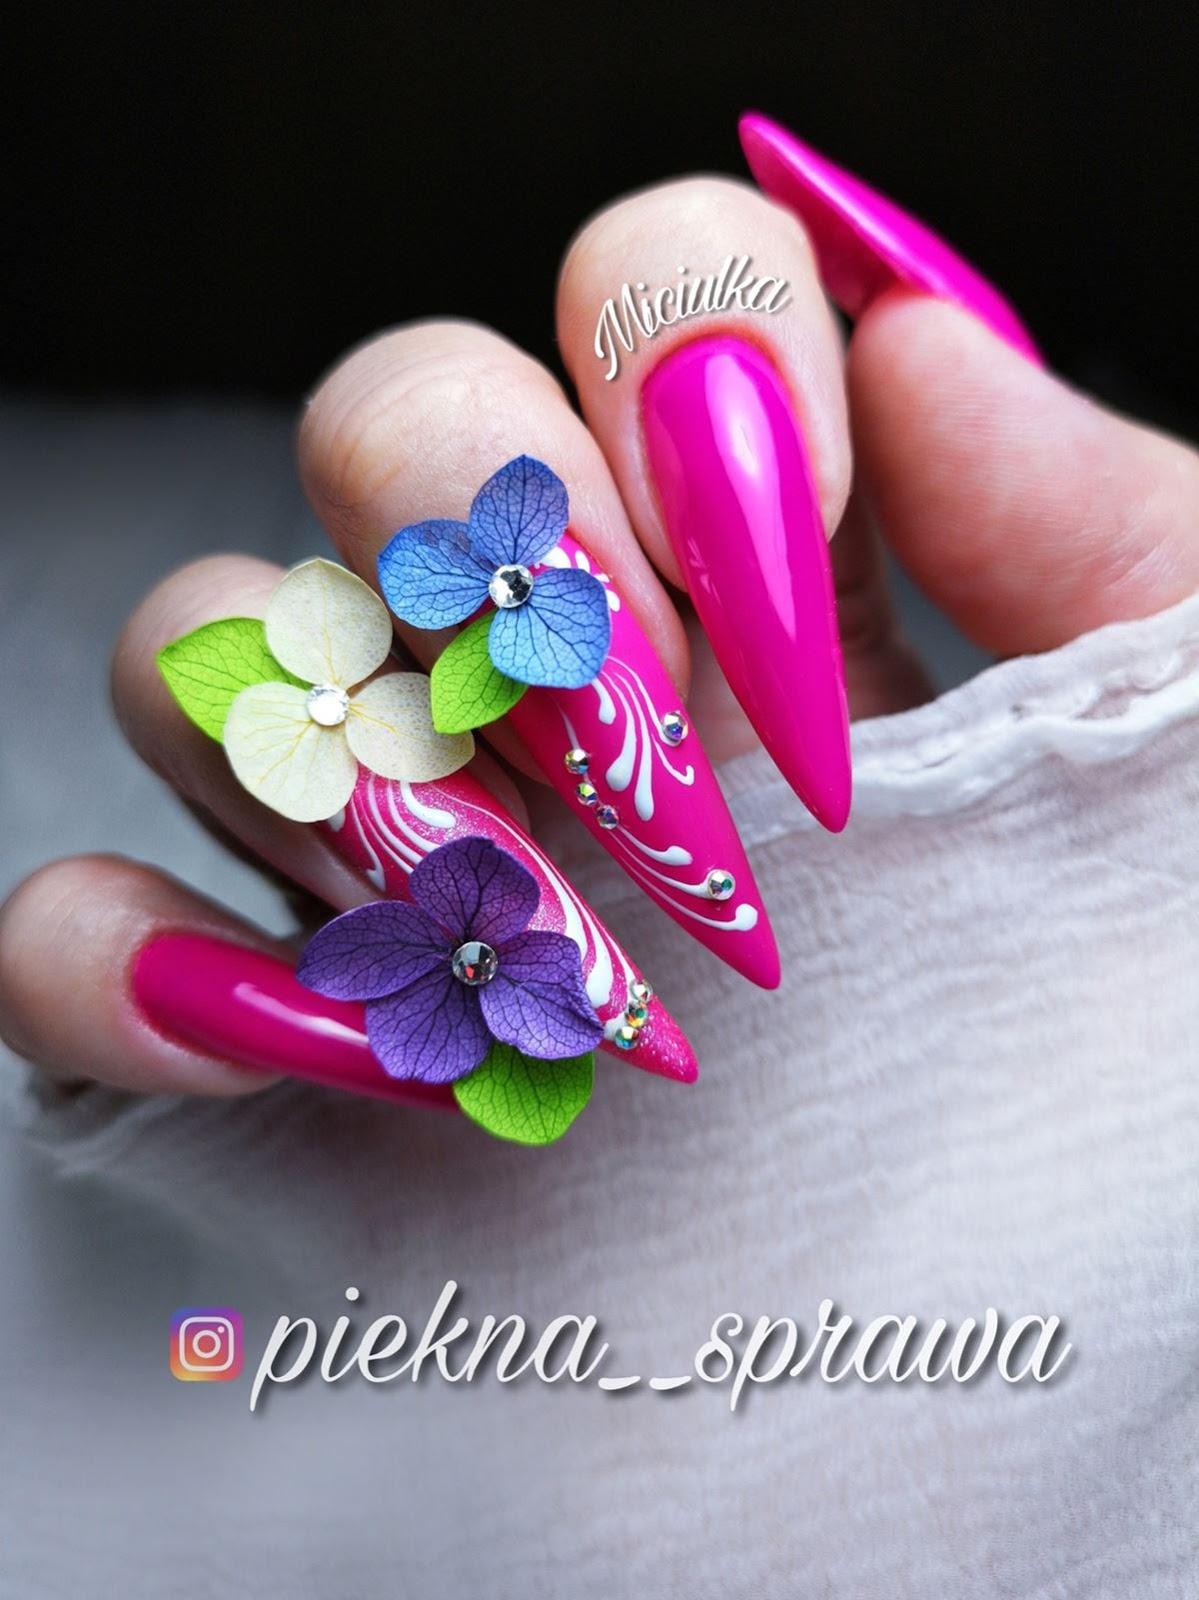 kwiatki na paznokciach inspiracje